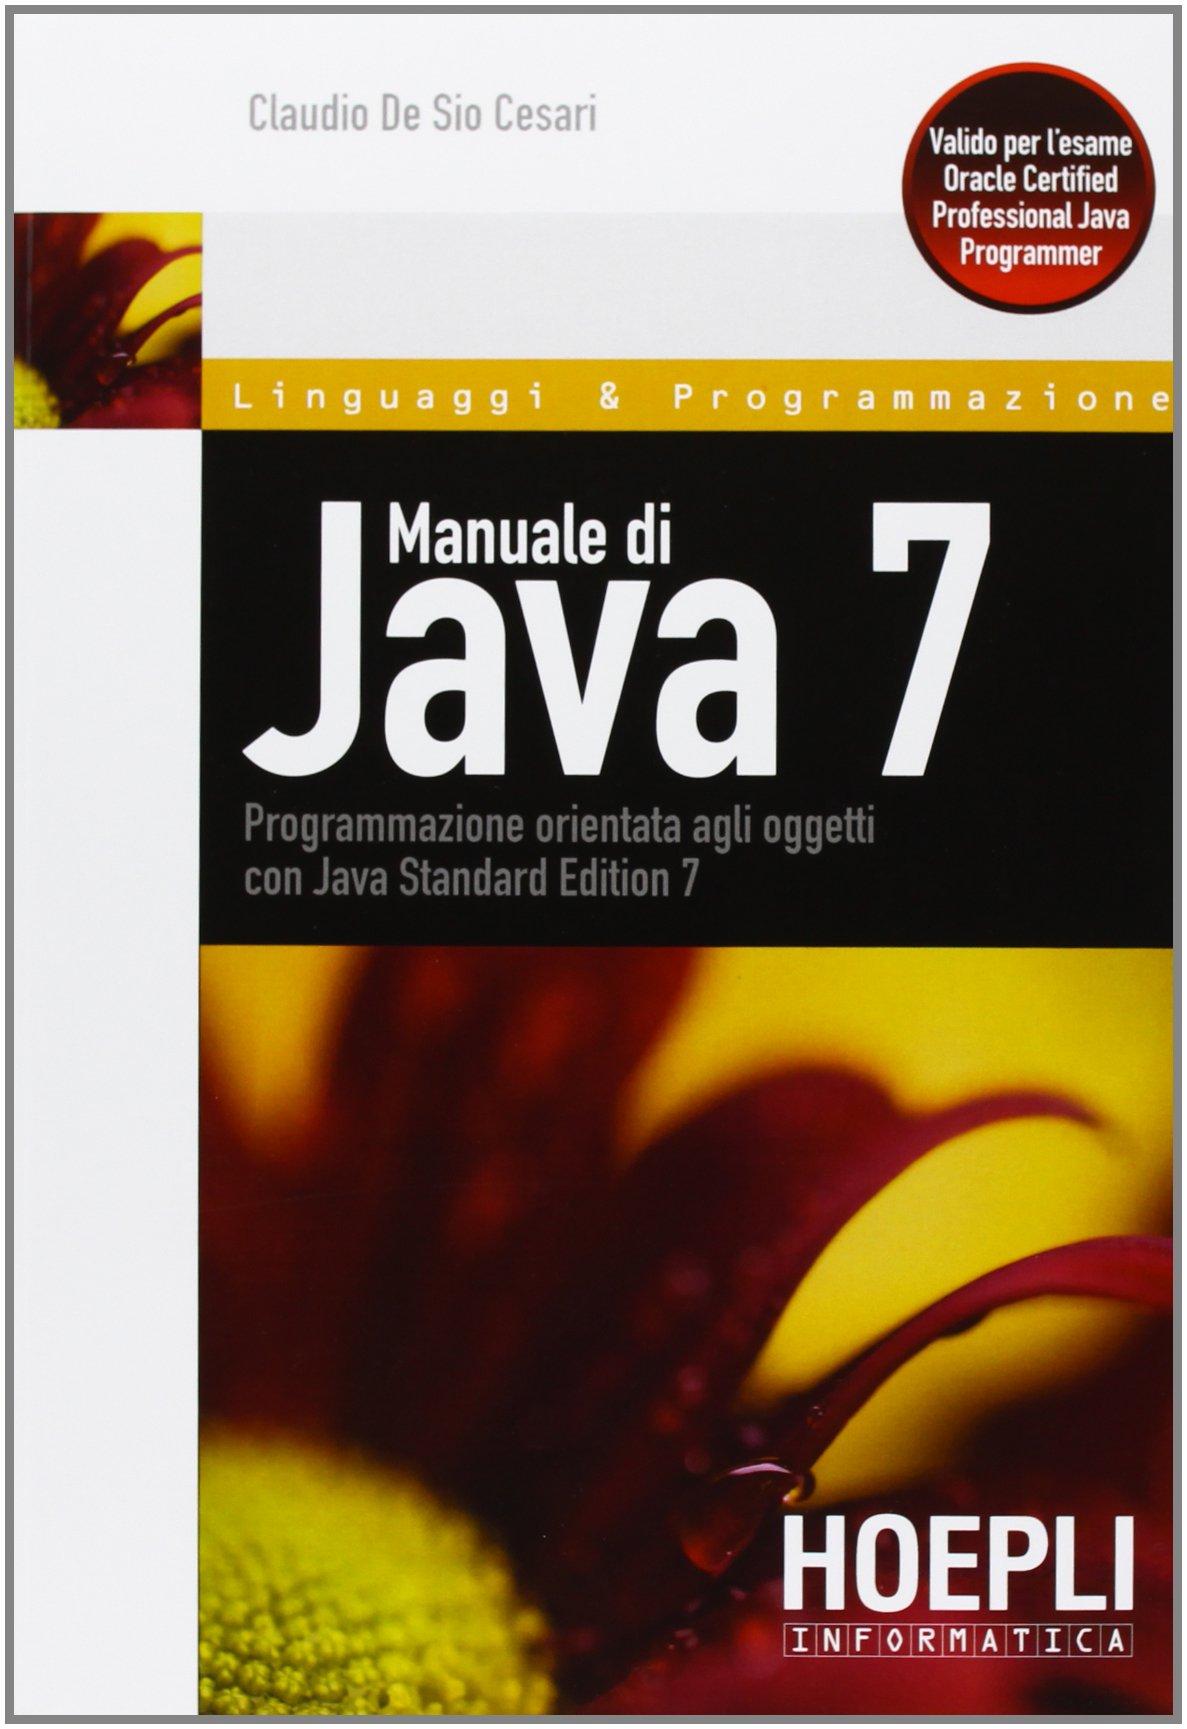 Manuale Java 7 Pdf